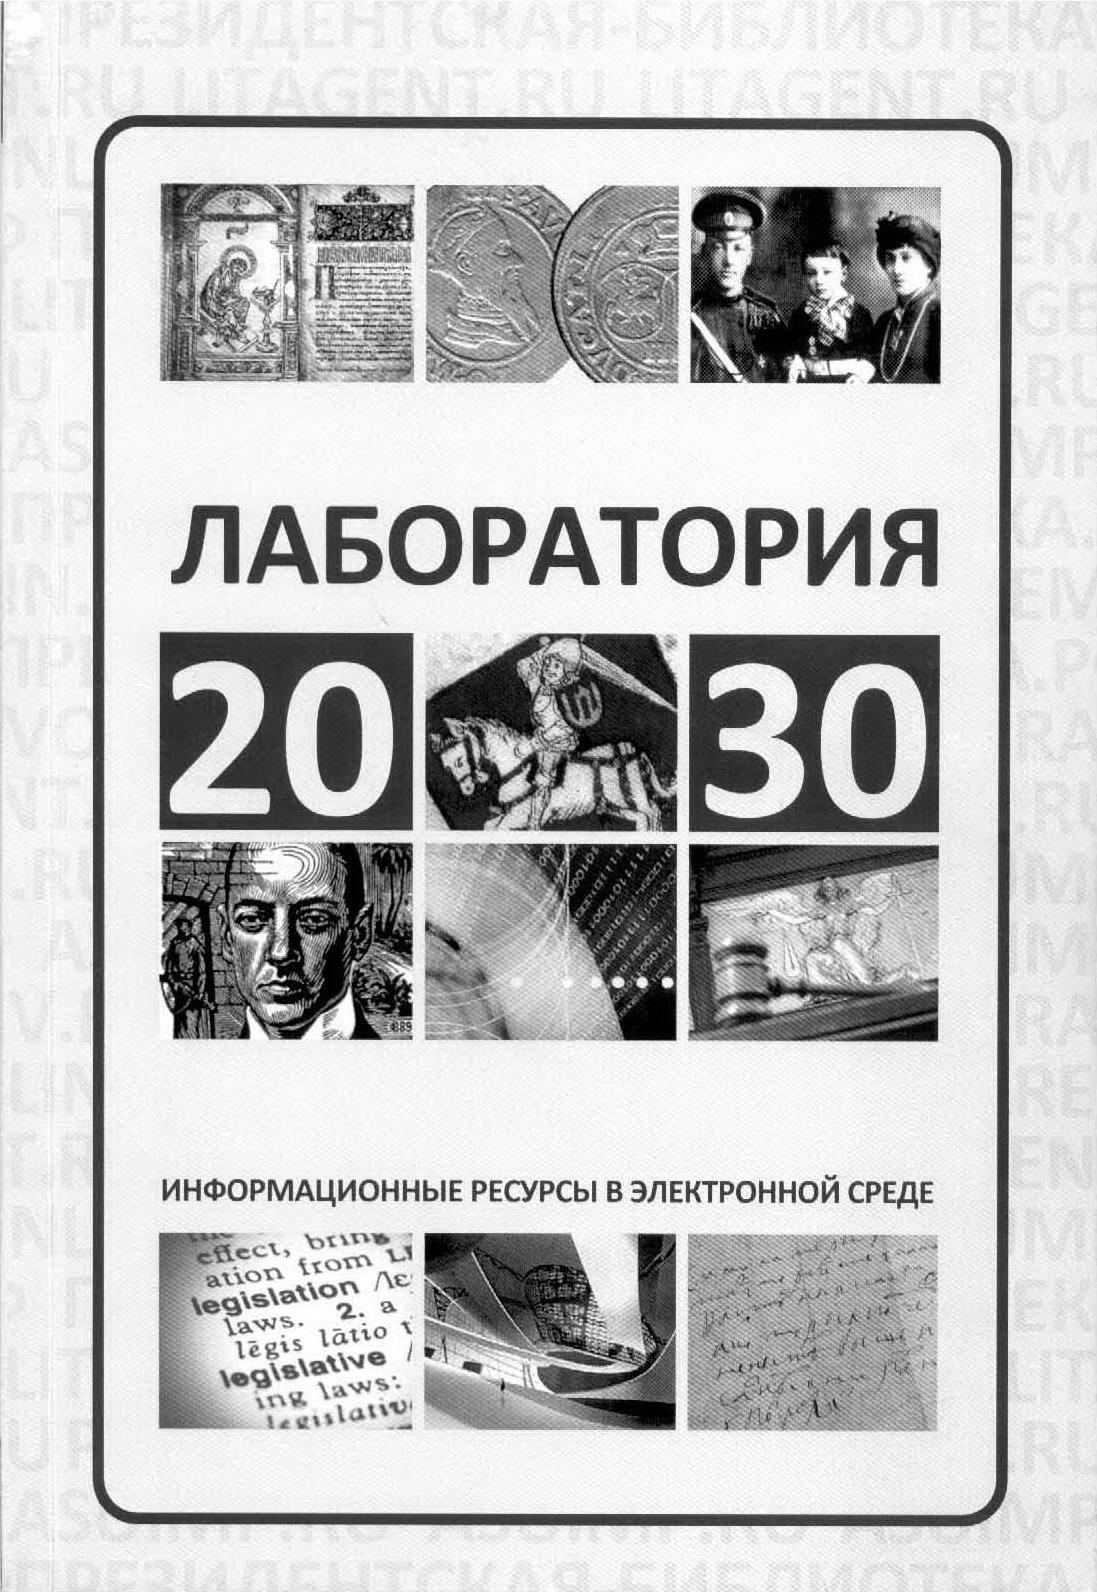 Лаборатория 20-30. Информационные ресурсы в электронной среде: сборник докладов молодых ученых на международной научно-практической конференции «Электронное законодательство: доступ к нормативно-правовой информации в электронной среде»